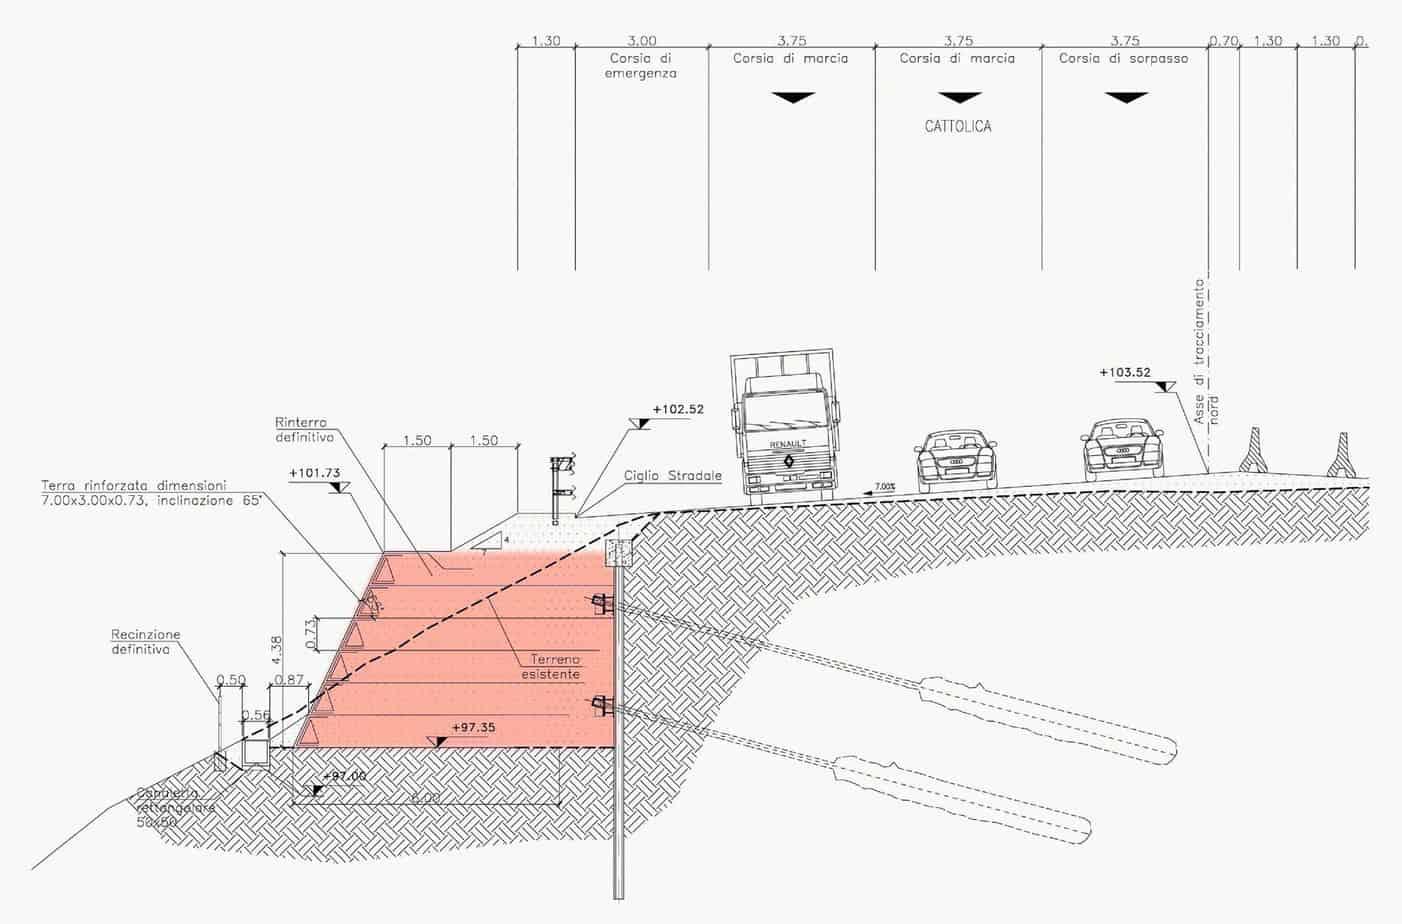 La sezione della struttura TA03